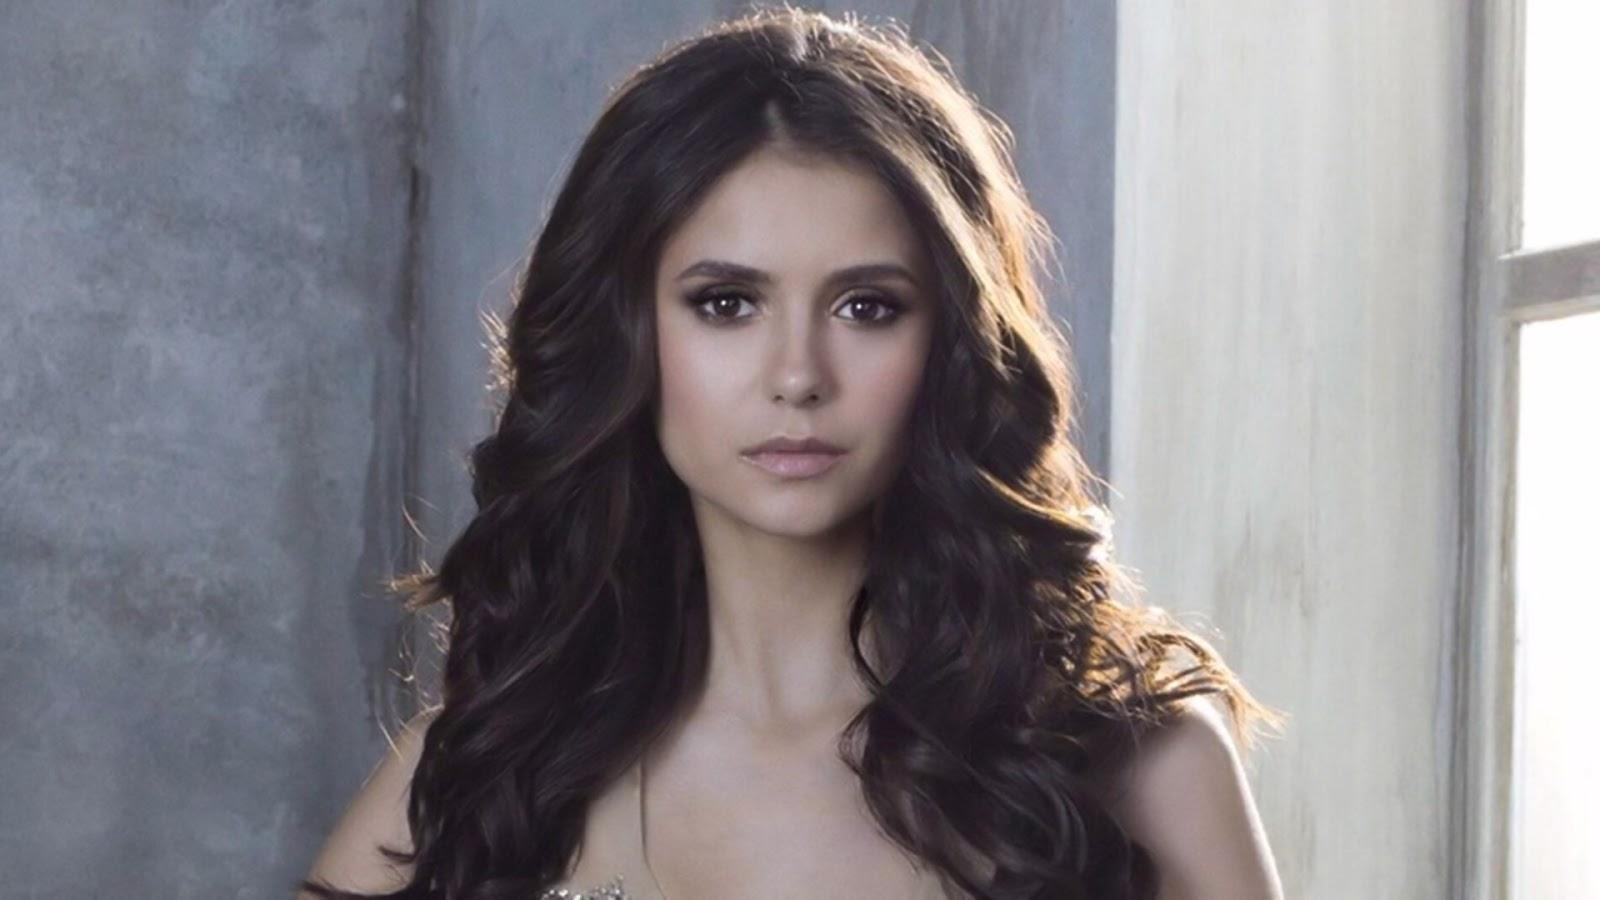 Nina Dobrev The Vampire Diaries Actress Hd Wallpaper  Hd -4877